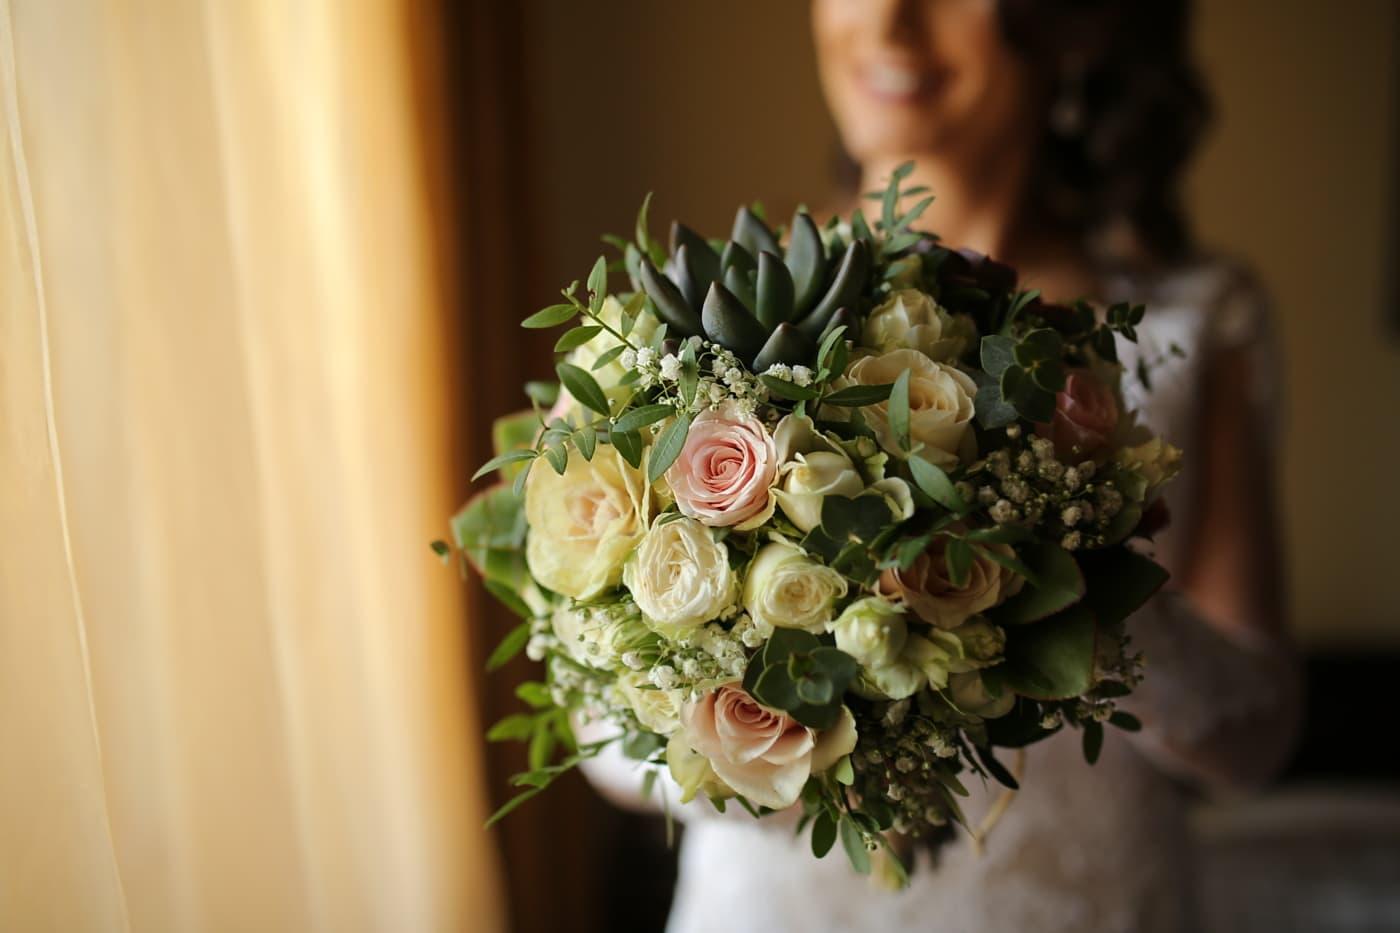 izbliza, svadbeni buket, mlada, spavaća soba, romansa, vjenčanje, buket, cvijet, angažman, ruža